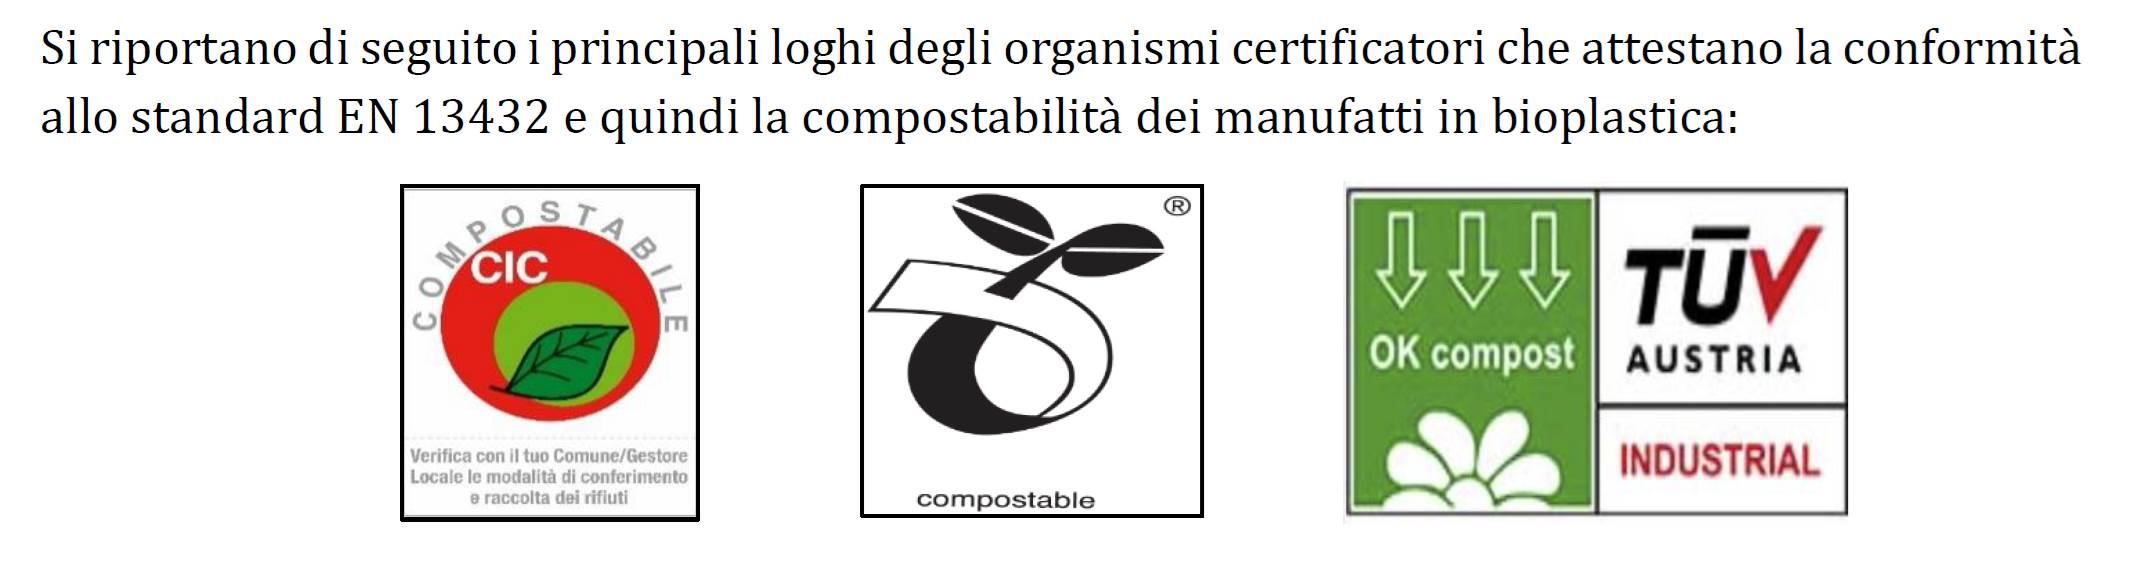 bioplastica, principali loghi identificativi